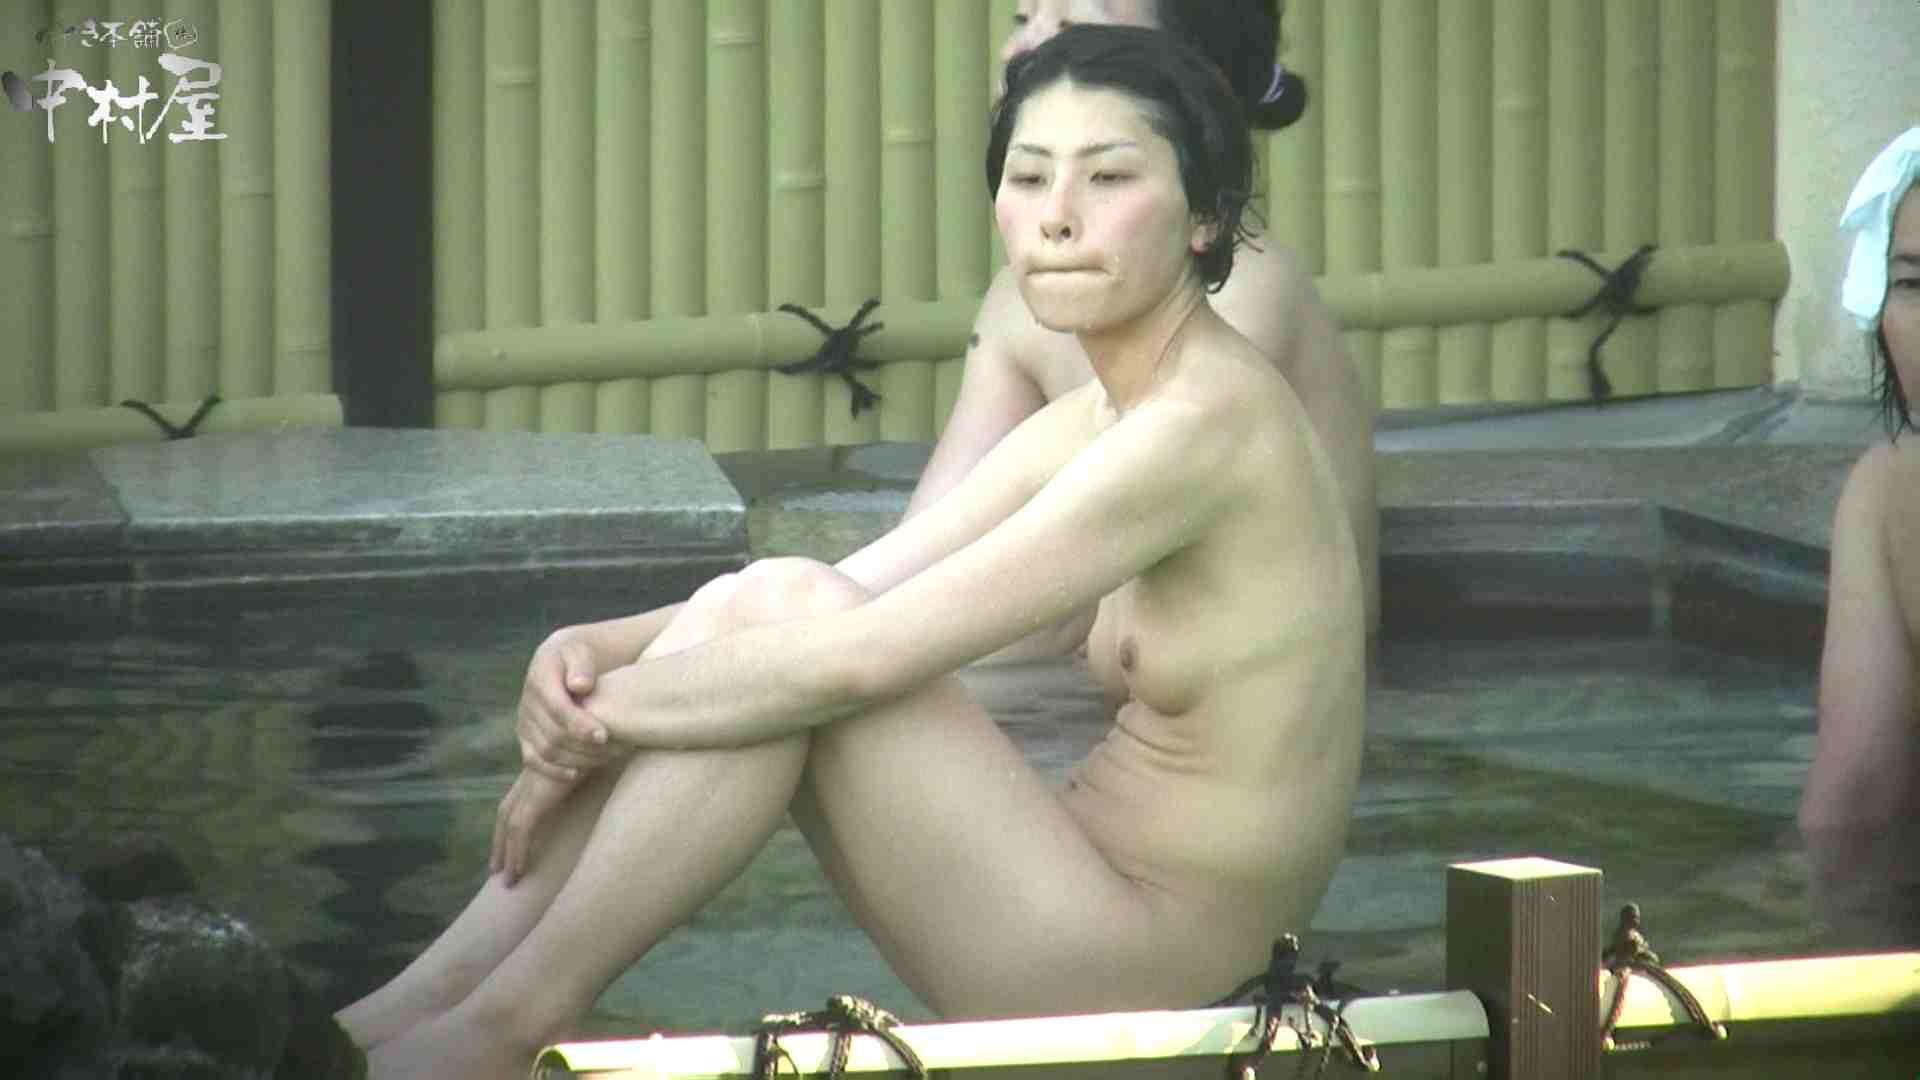 Aquaな露天風呂Vol.970 ガールの盗撮 ぱこり動画紹介 75枚